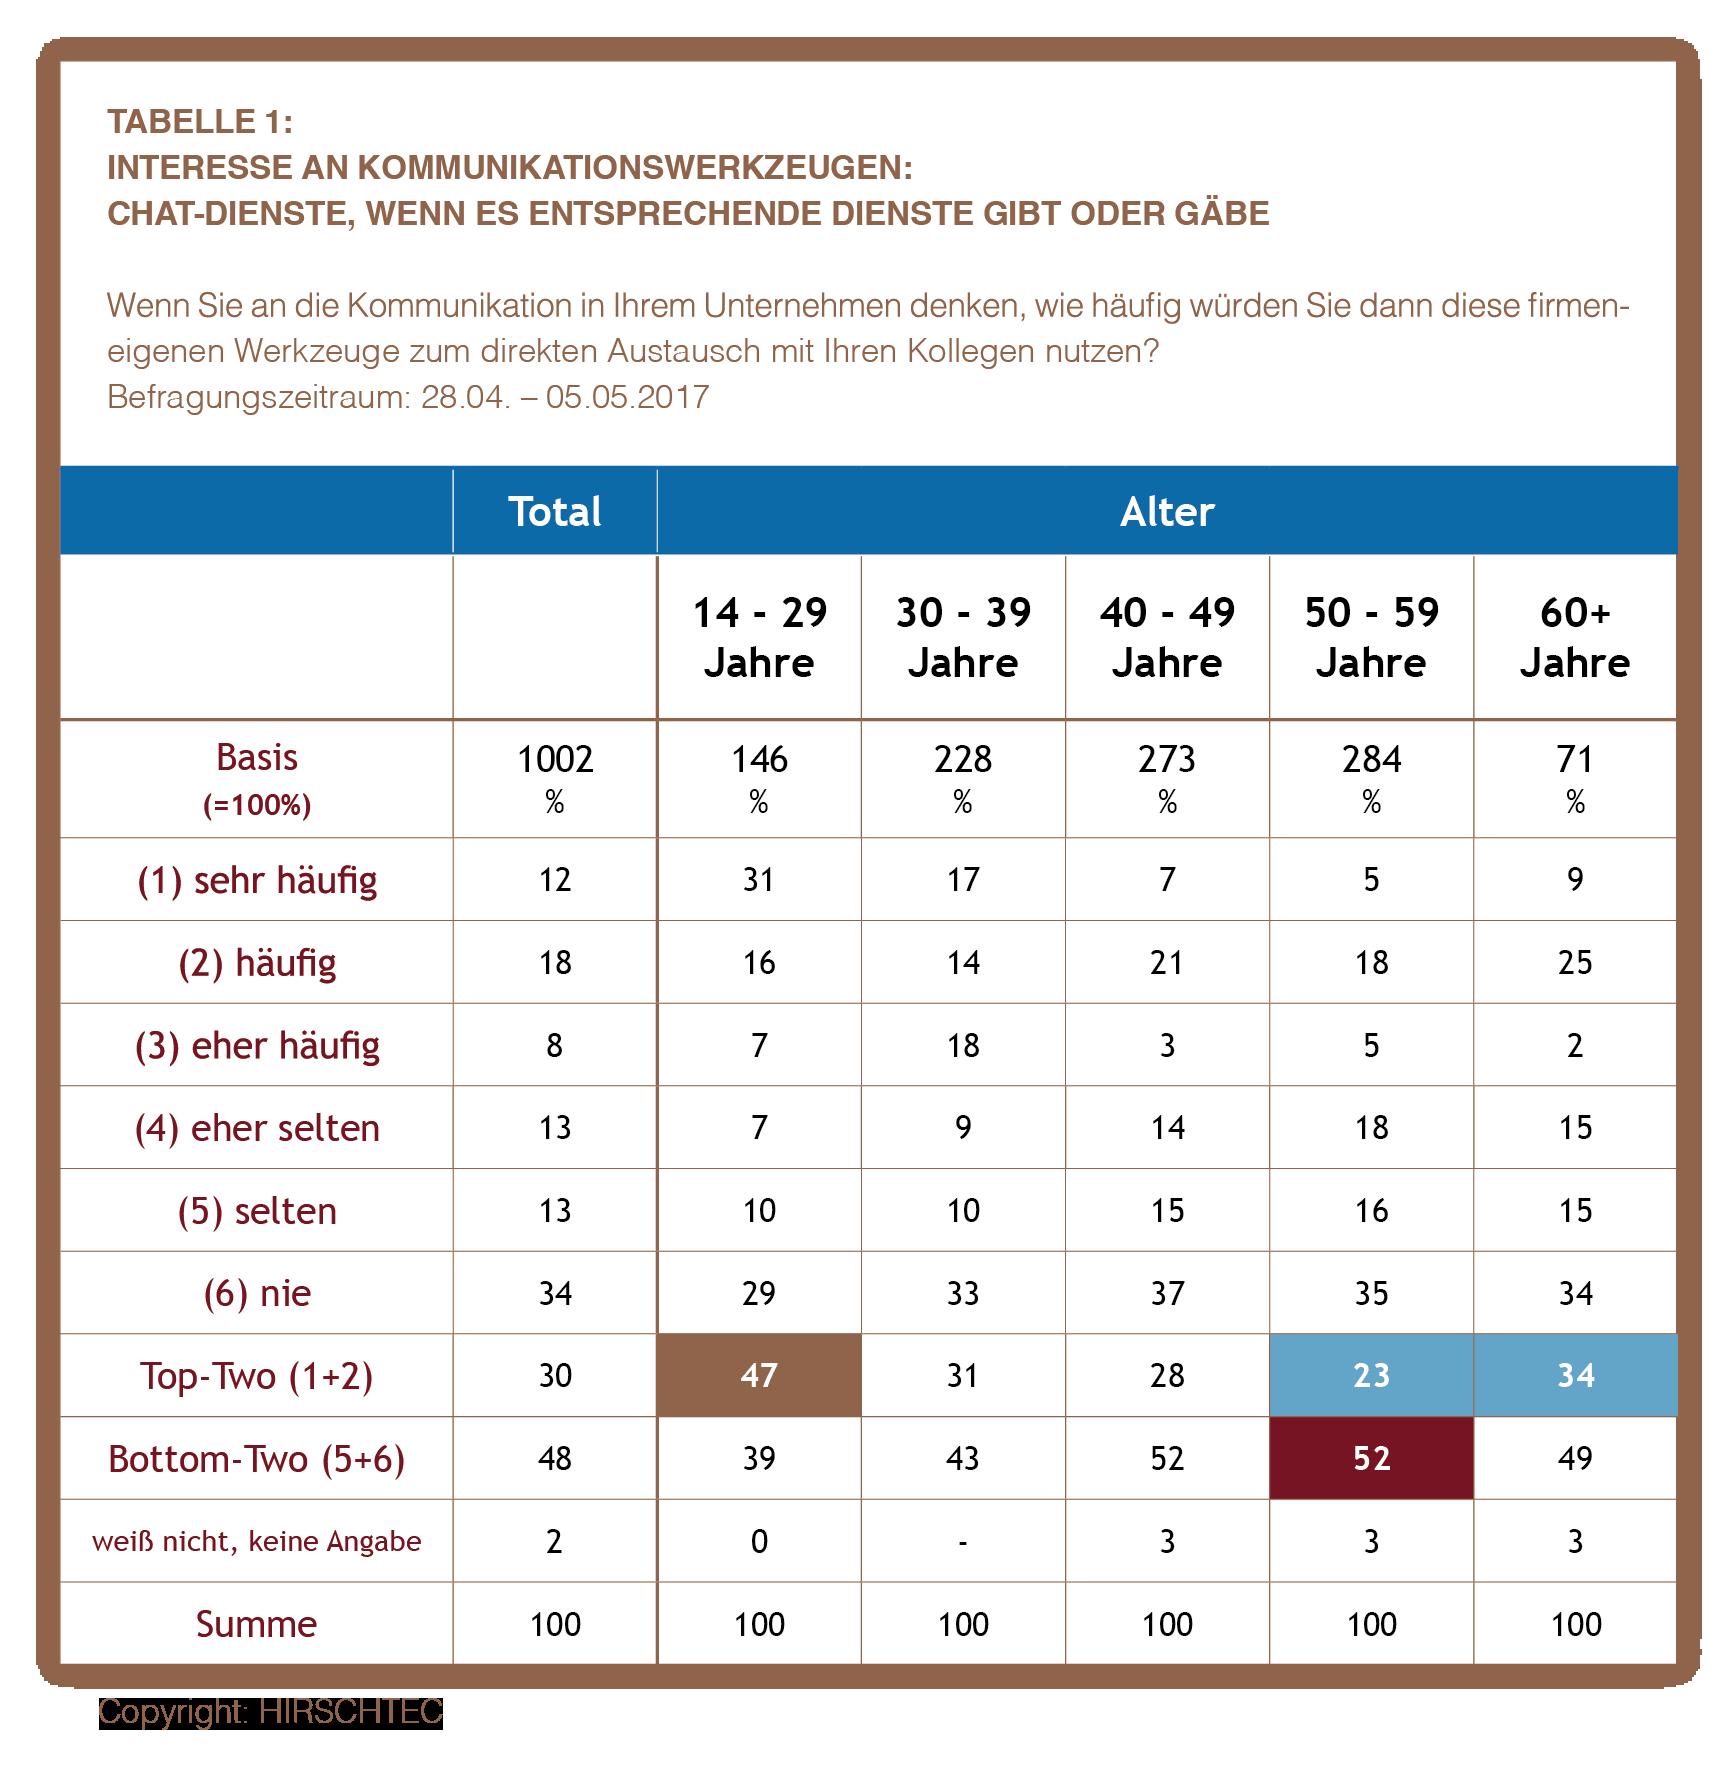 Tabelle 1 TNS Emnid-Studie